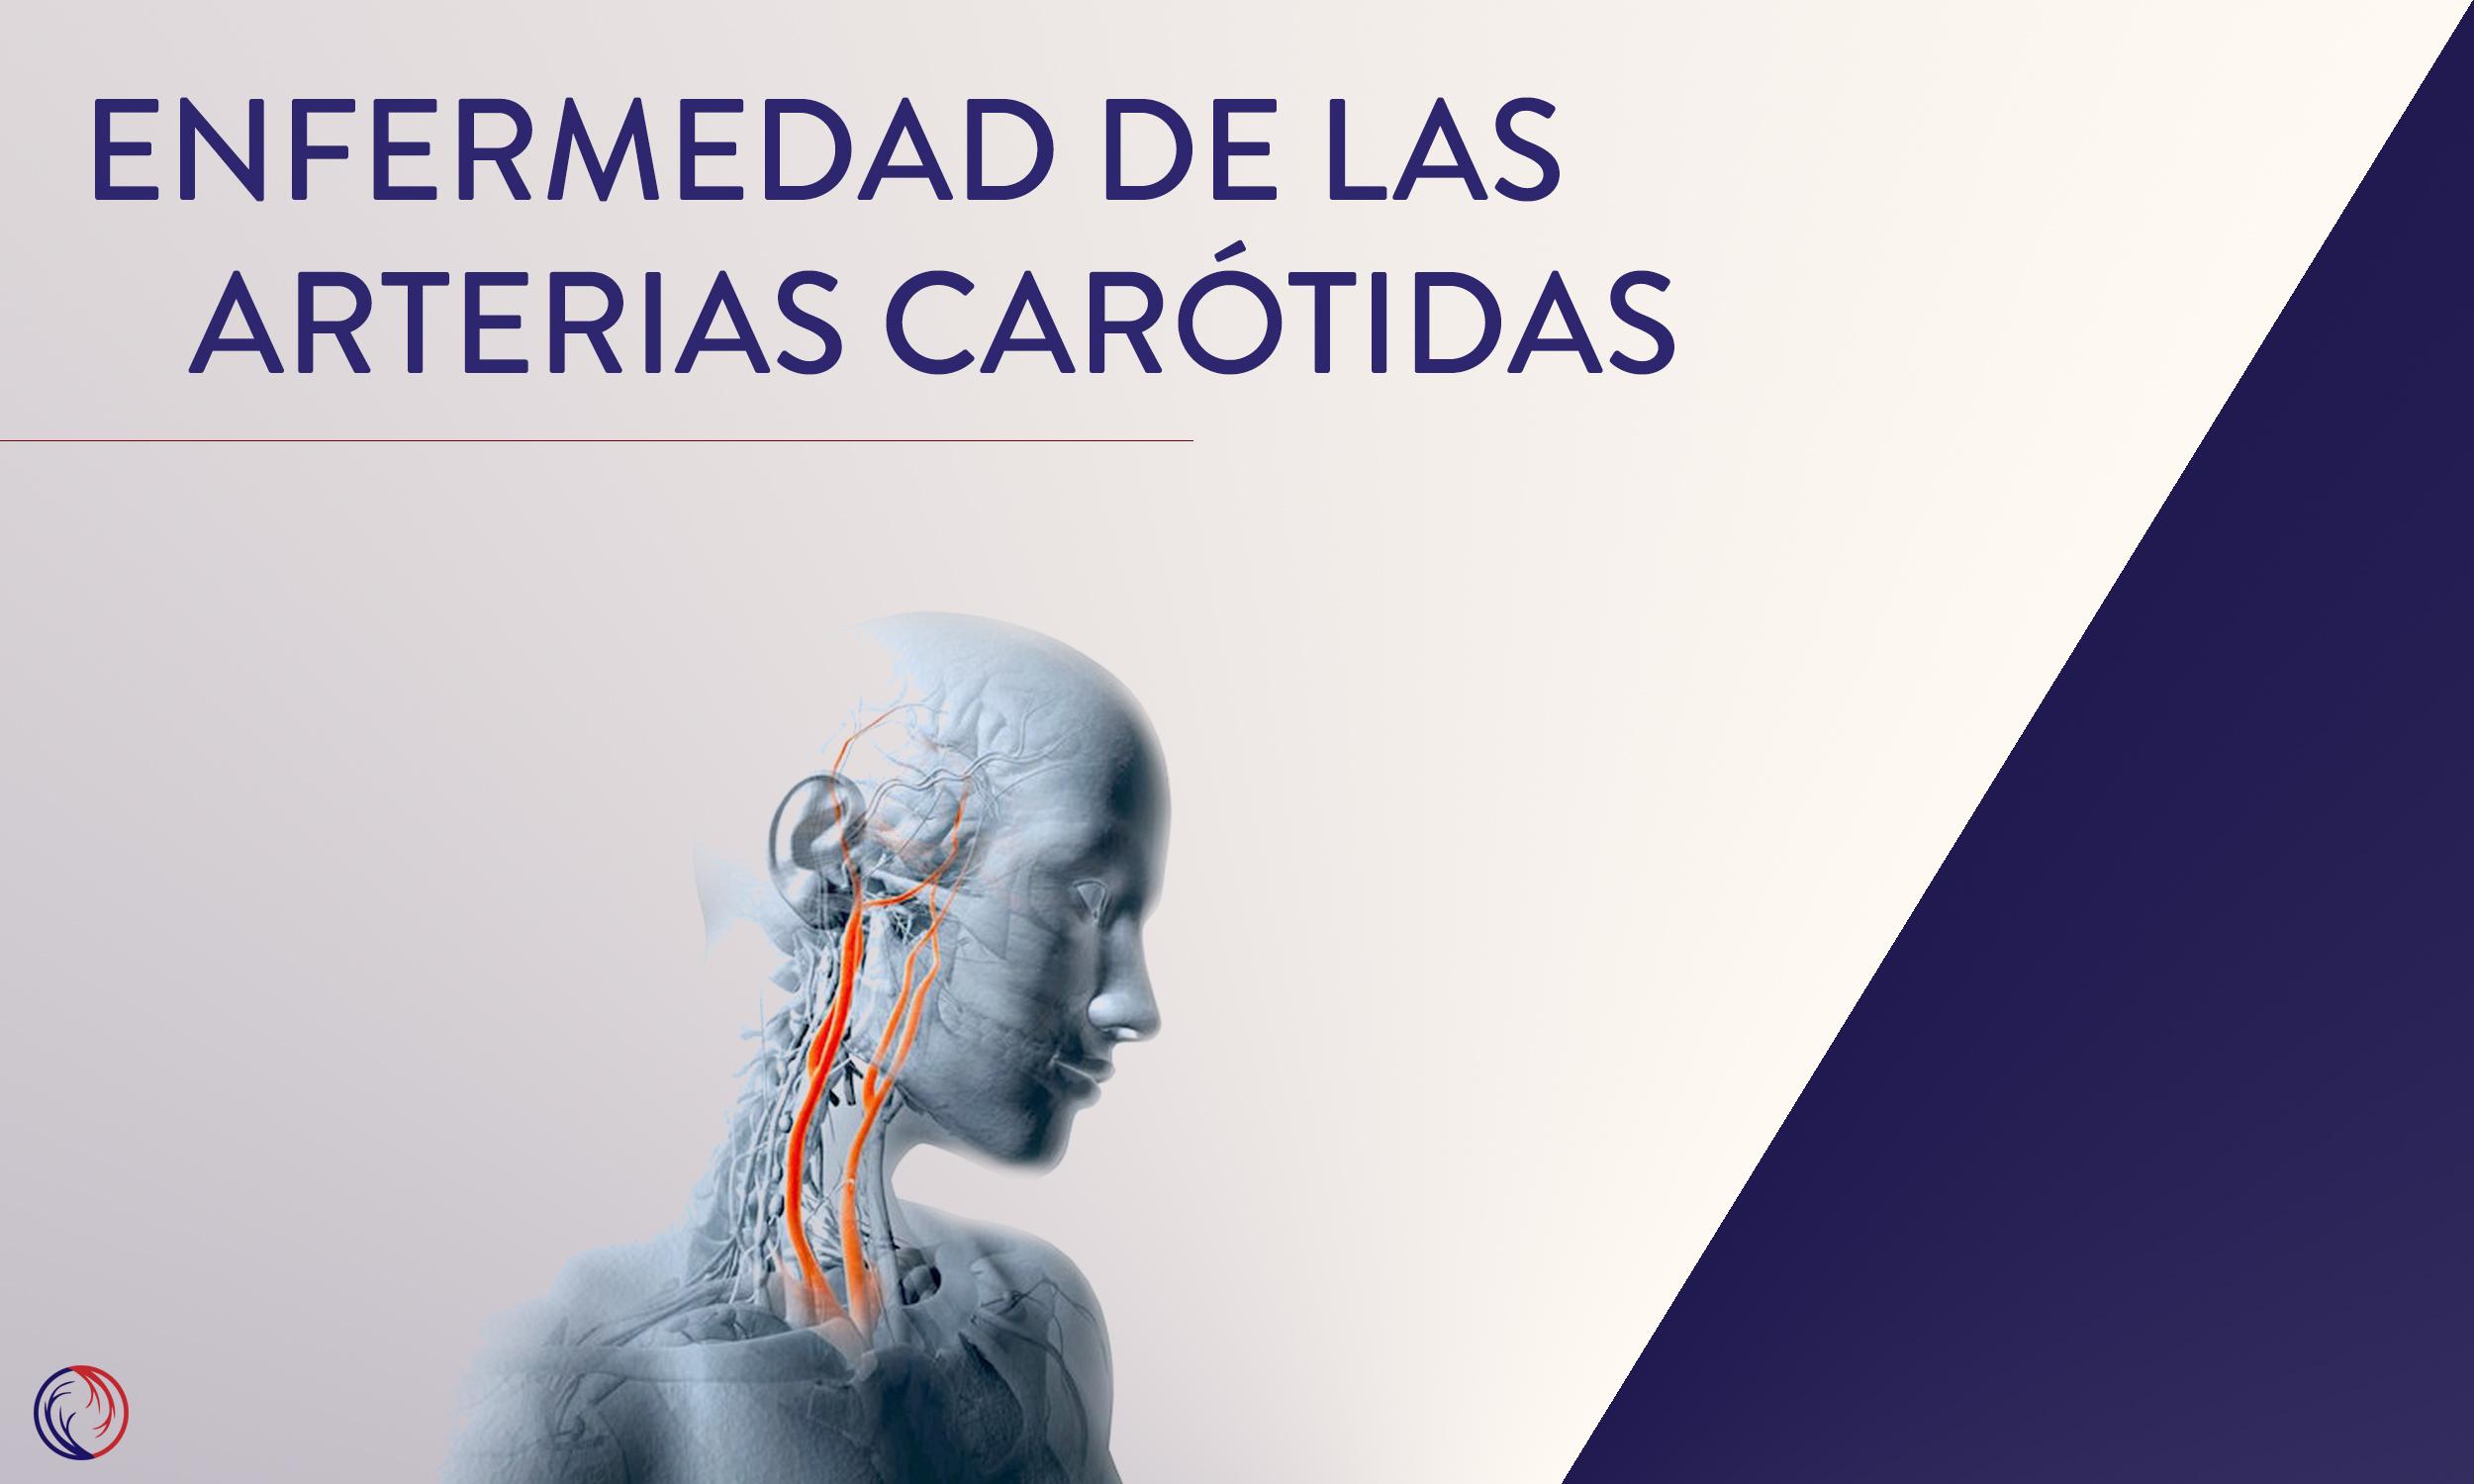 Enfermedad de las arterias carótidas